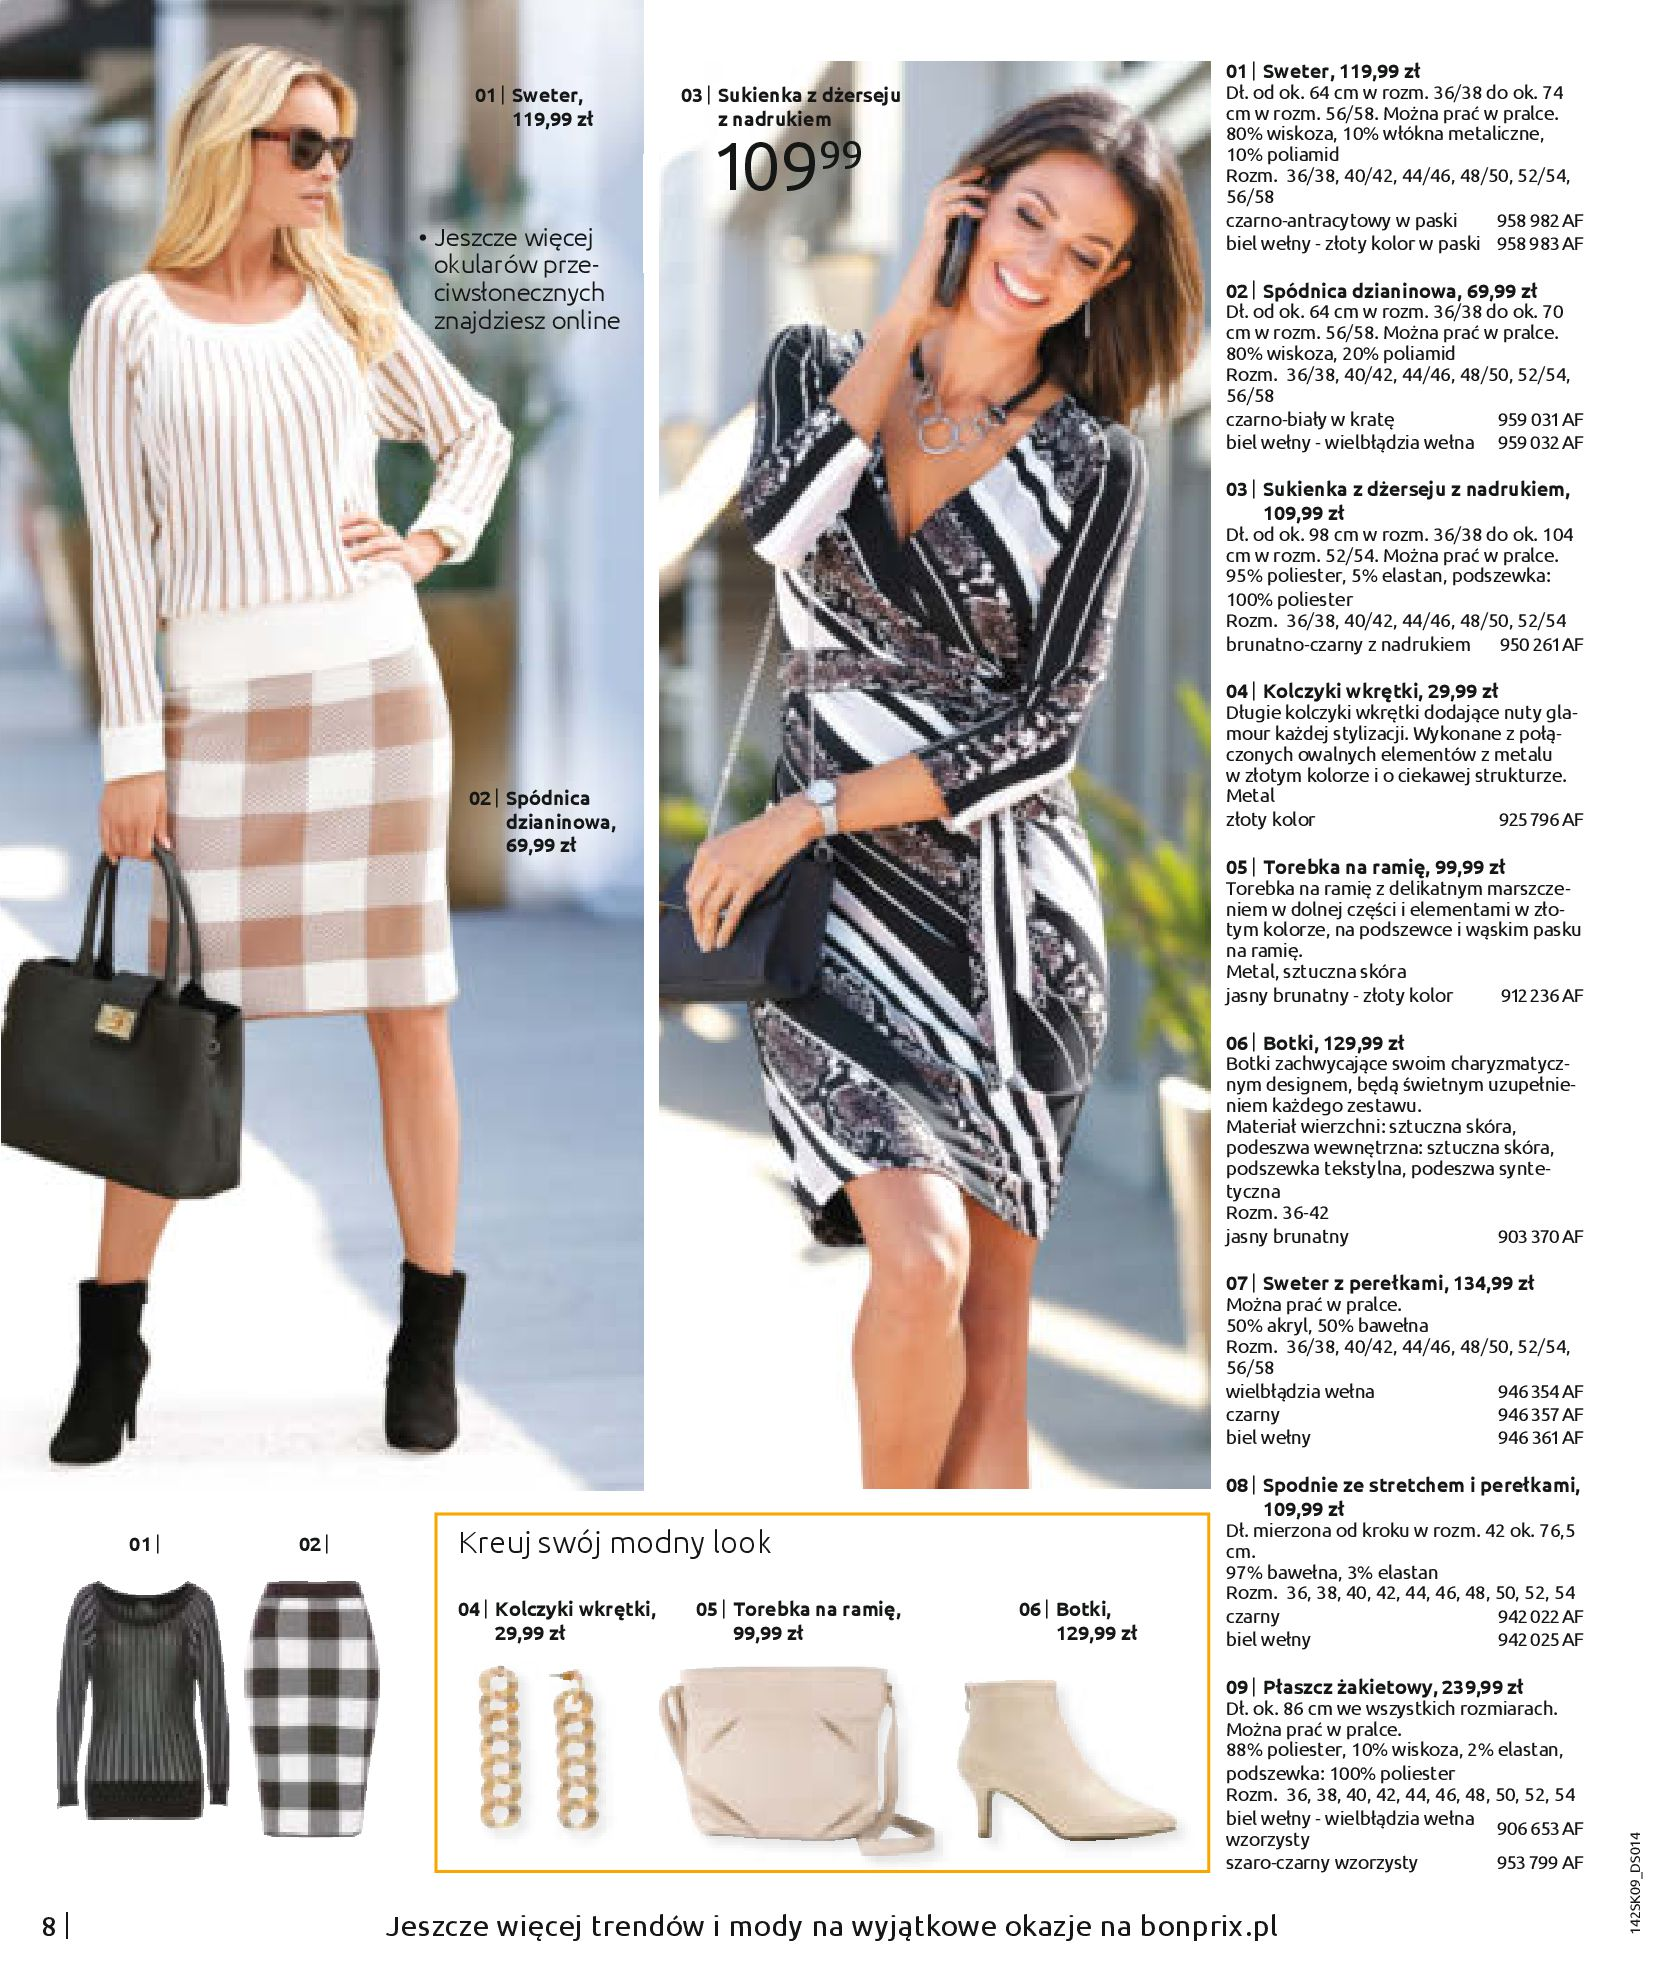 Gazetka Bonprix - Jesienny look-31.08.2020-28.02.2021-page-10